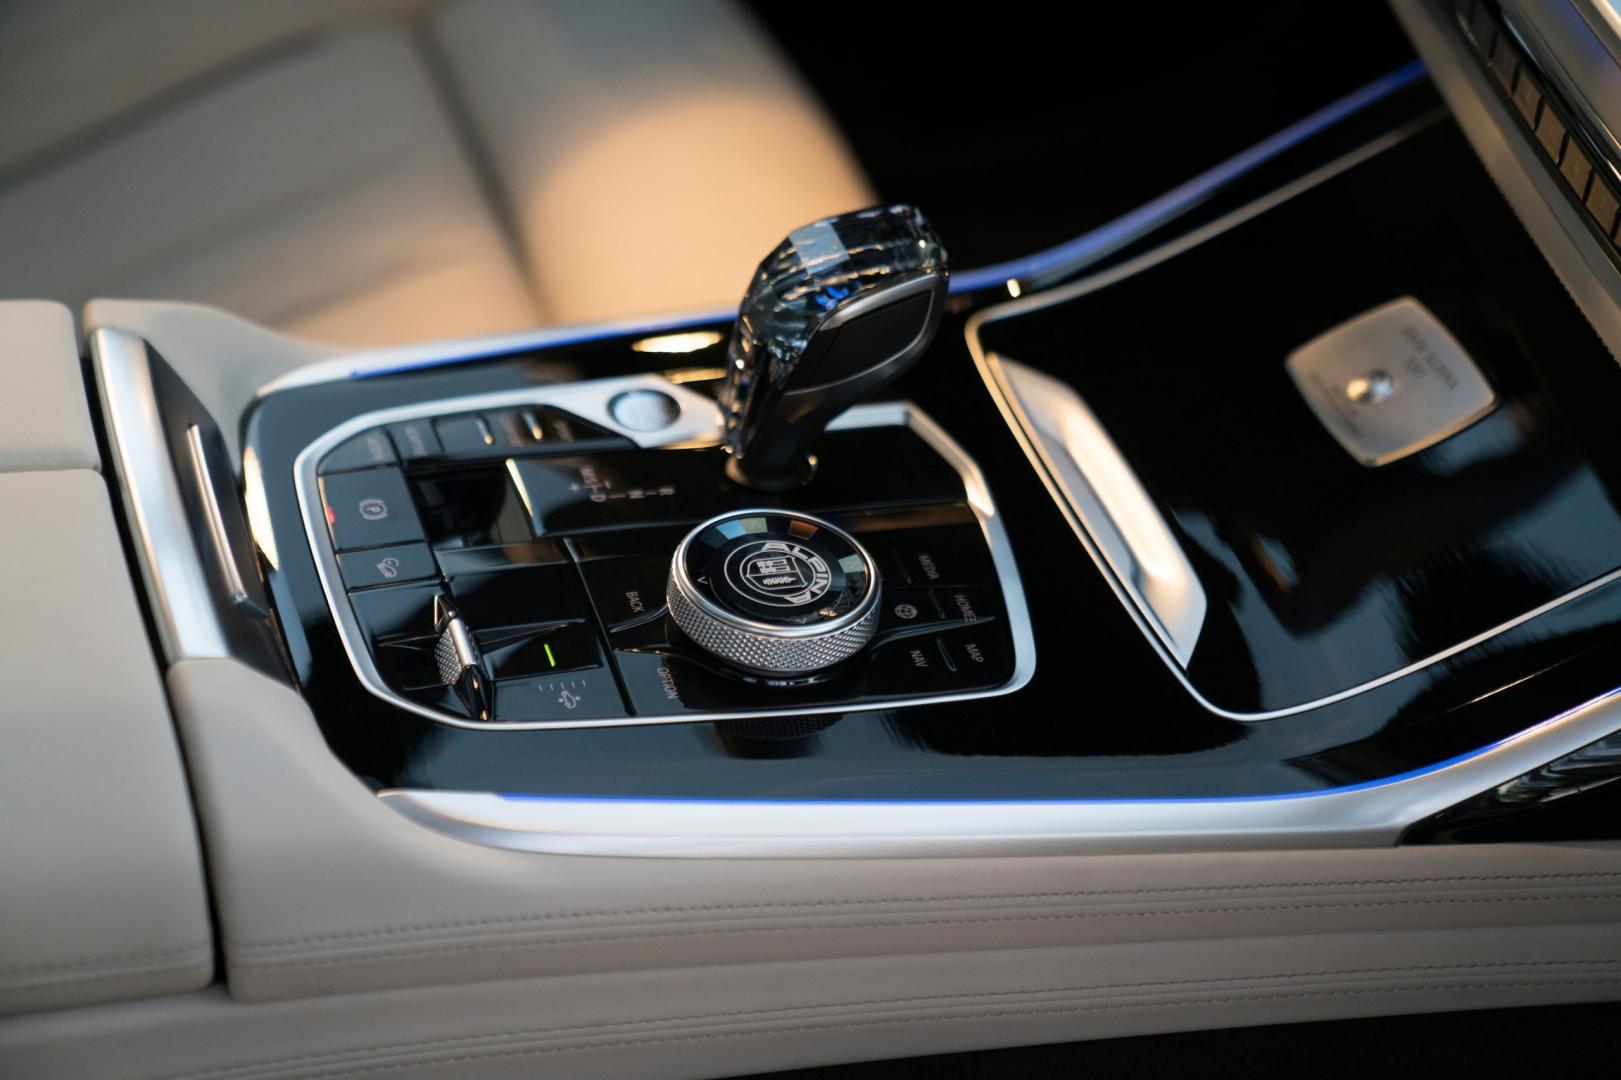 Pook van automaat in de Alpina XB7 (BMW X7)